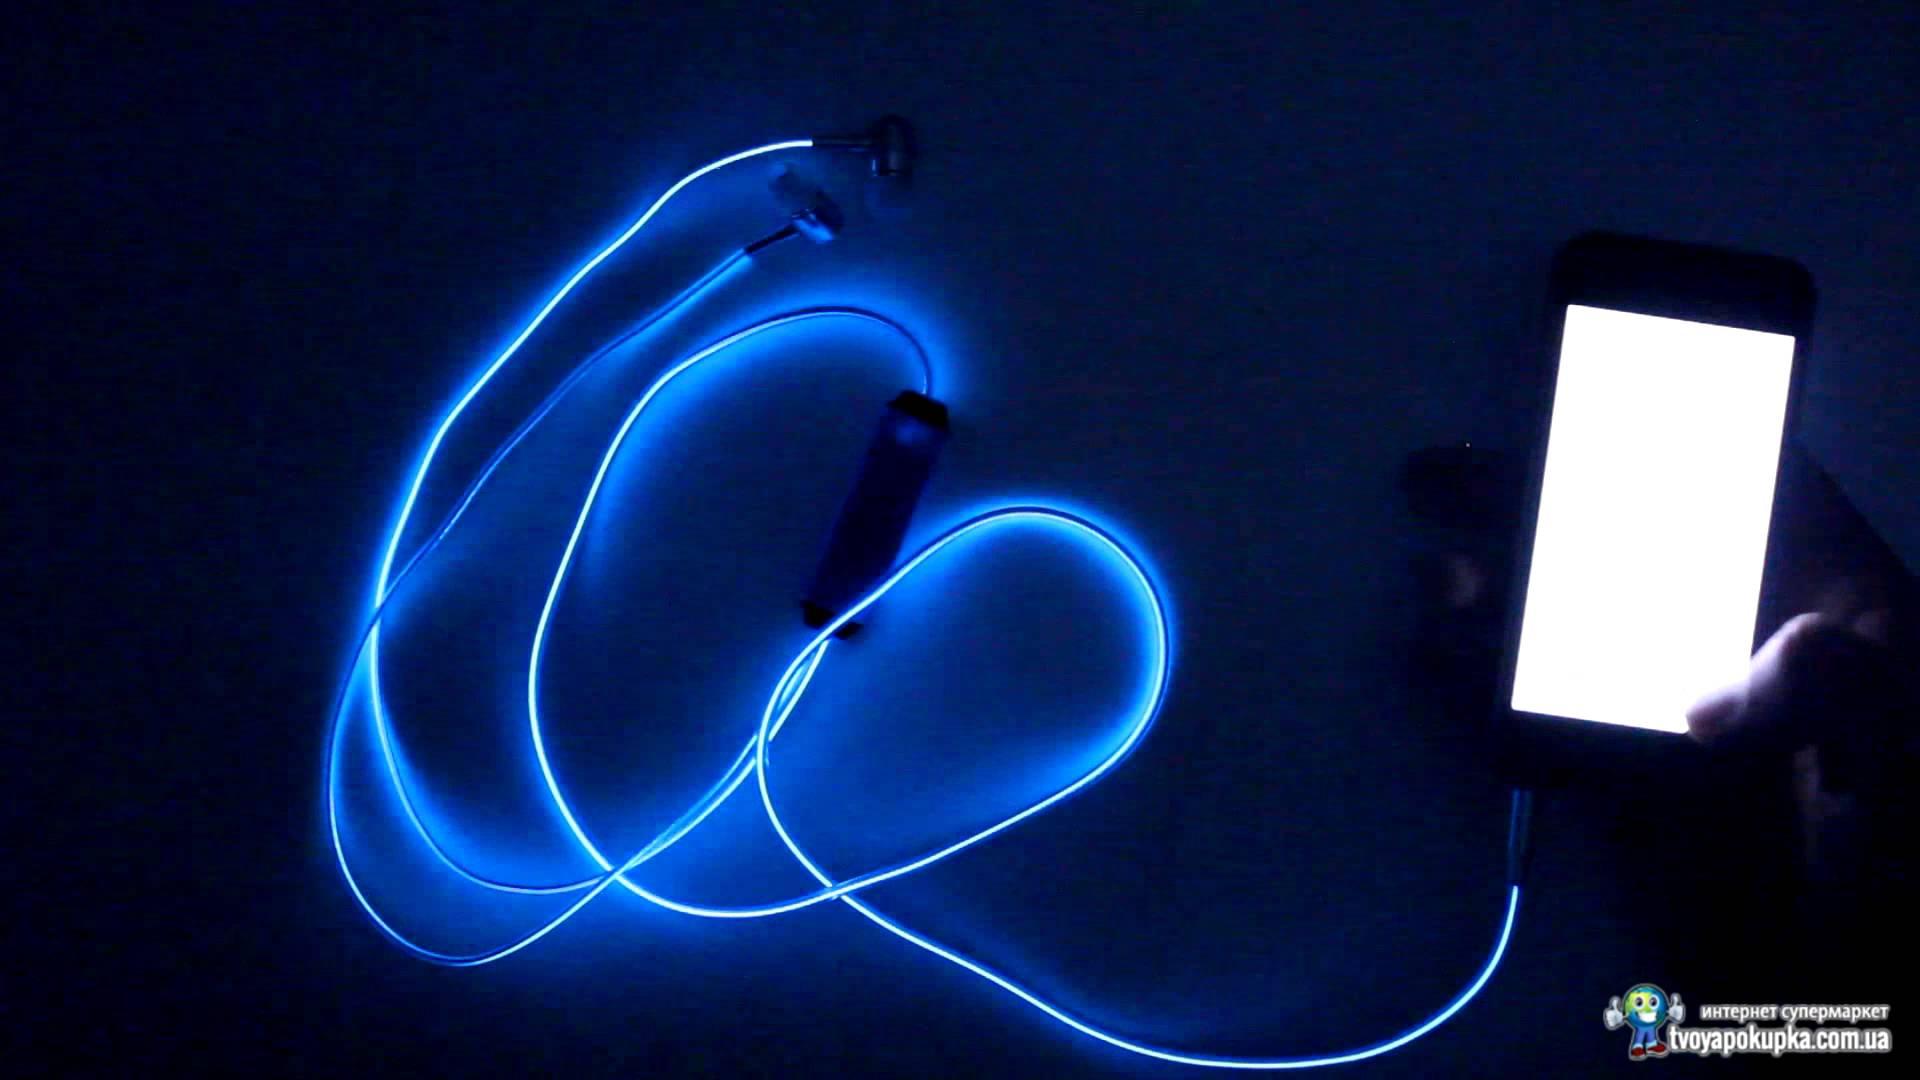 Glow Cветящиеся наушники в лыткарине светящиеся наушники видео